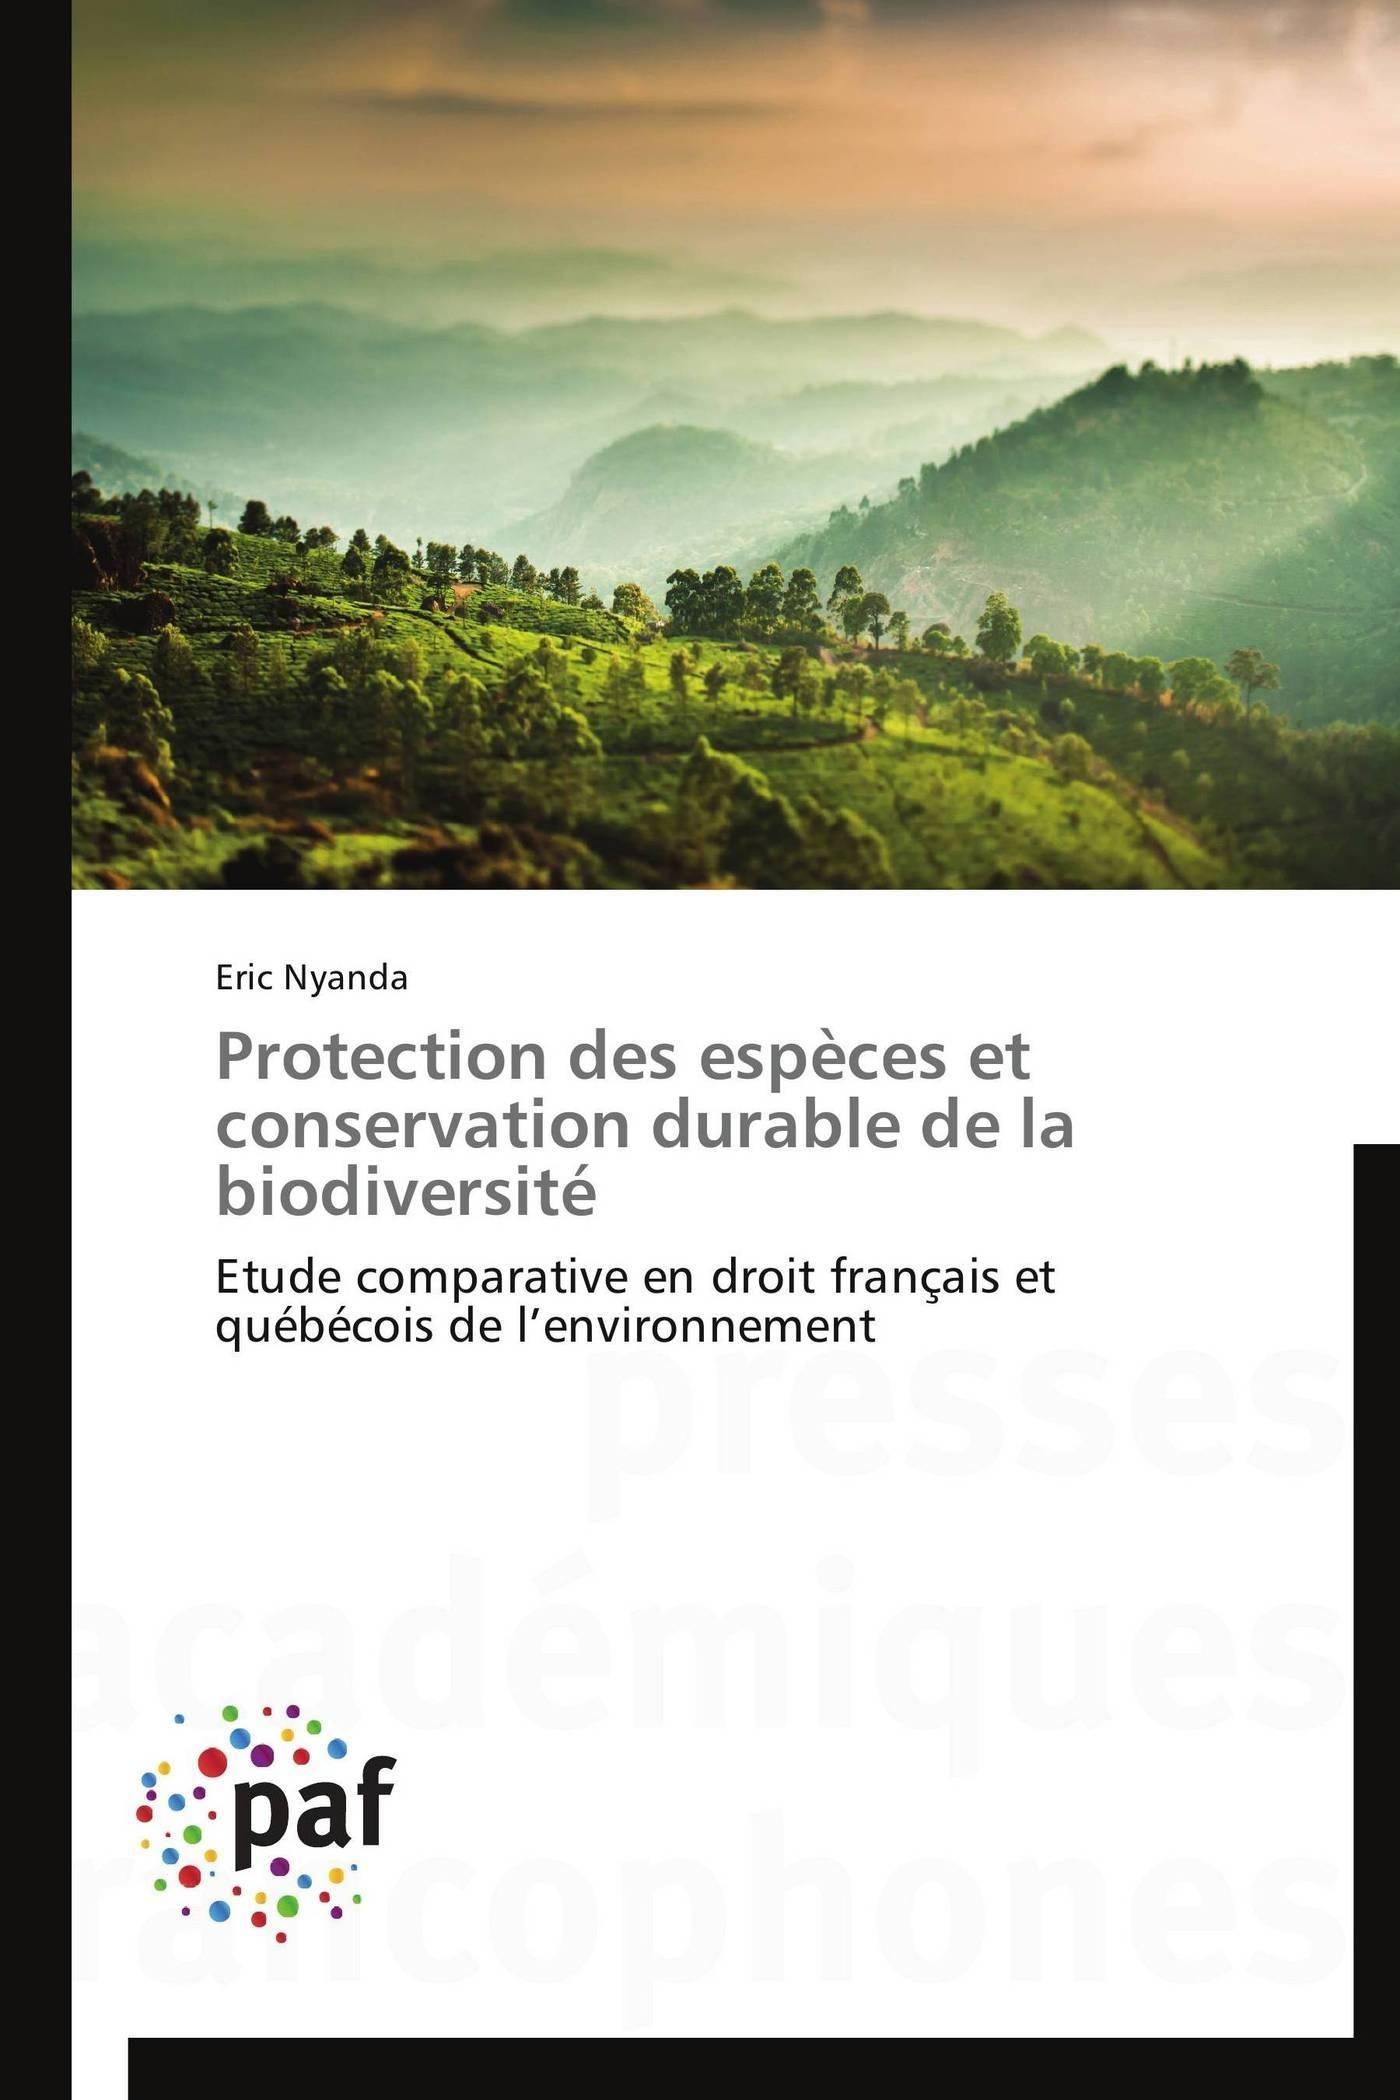 PROTECTION DES ESPECES ET CONSERVATION DURABLE DE LA BIODIVERSITE